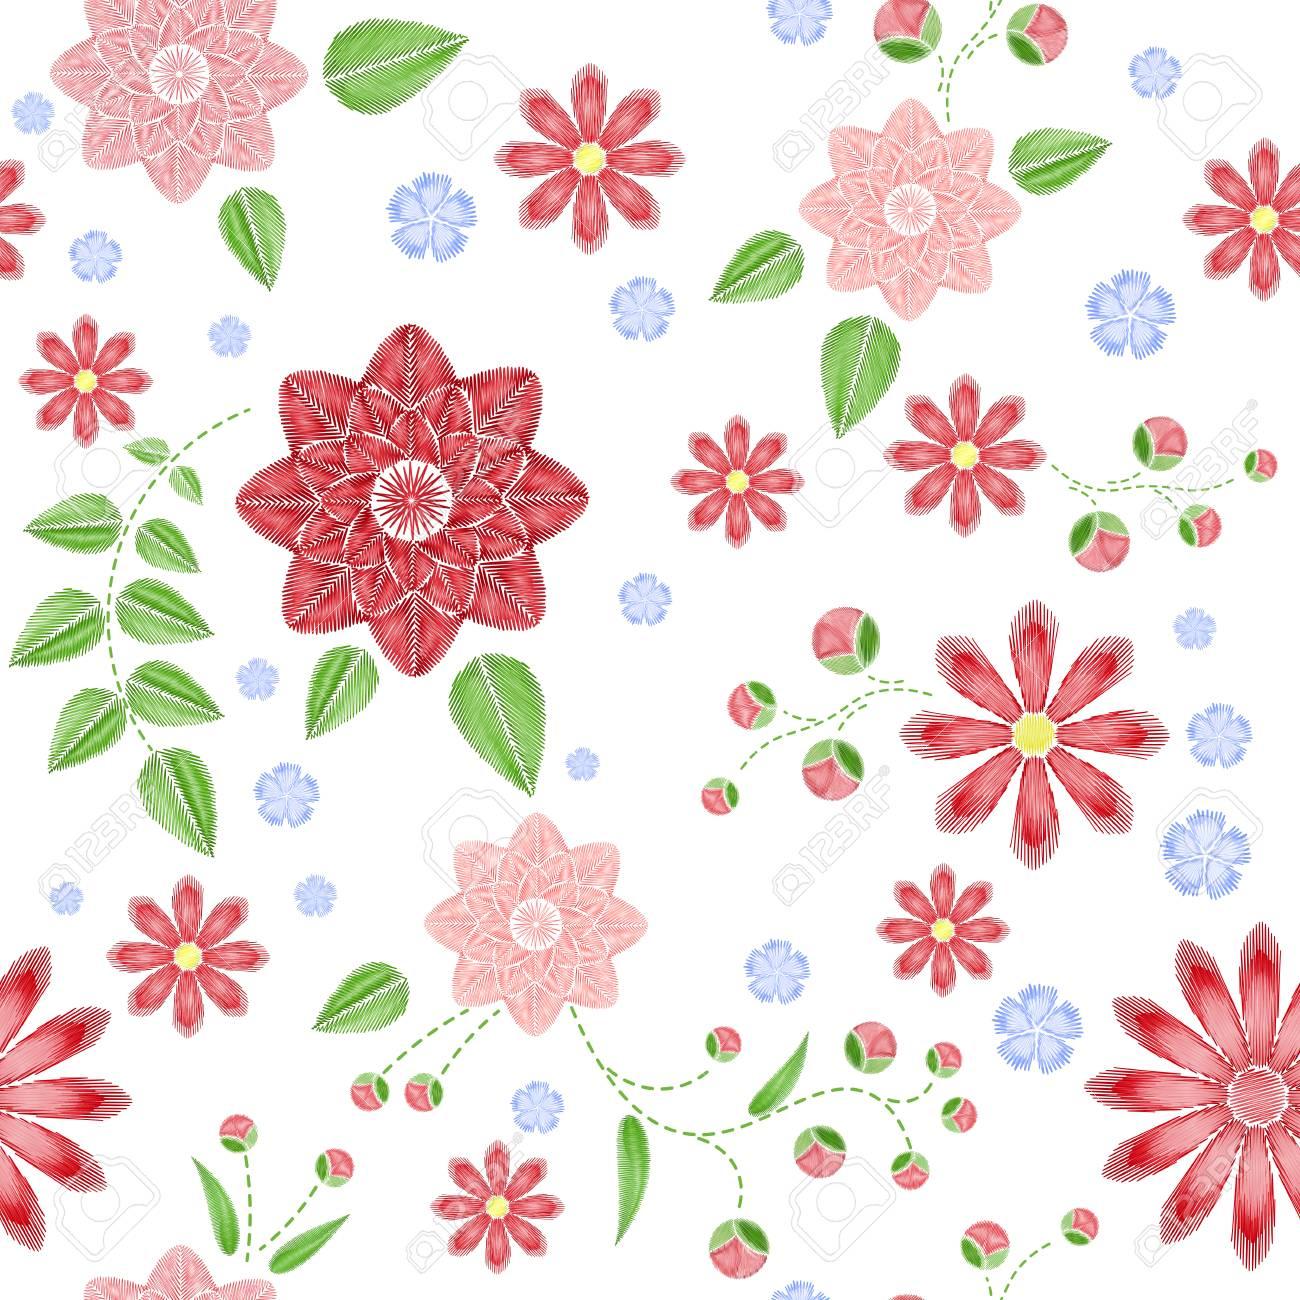 Patrón Transparente De Bordado Con Hermosas Flores. Vector Ornamento ...